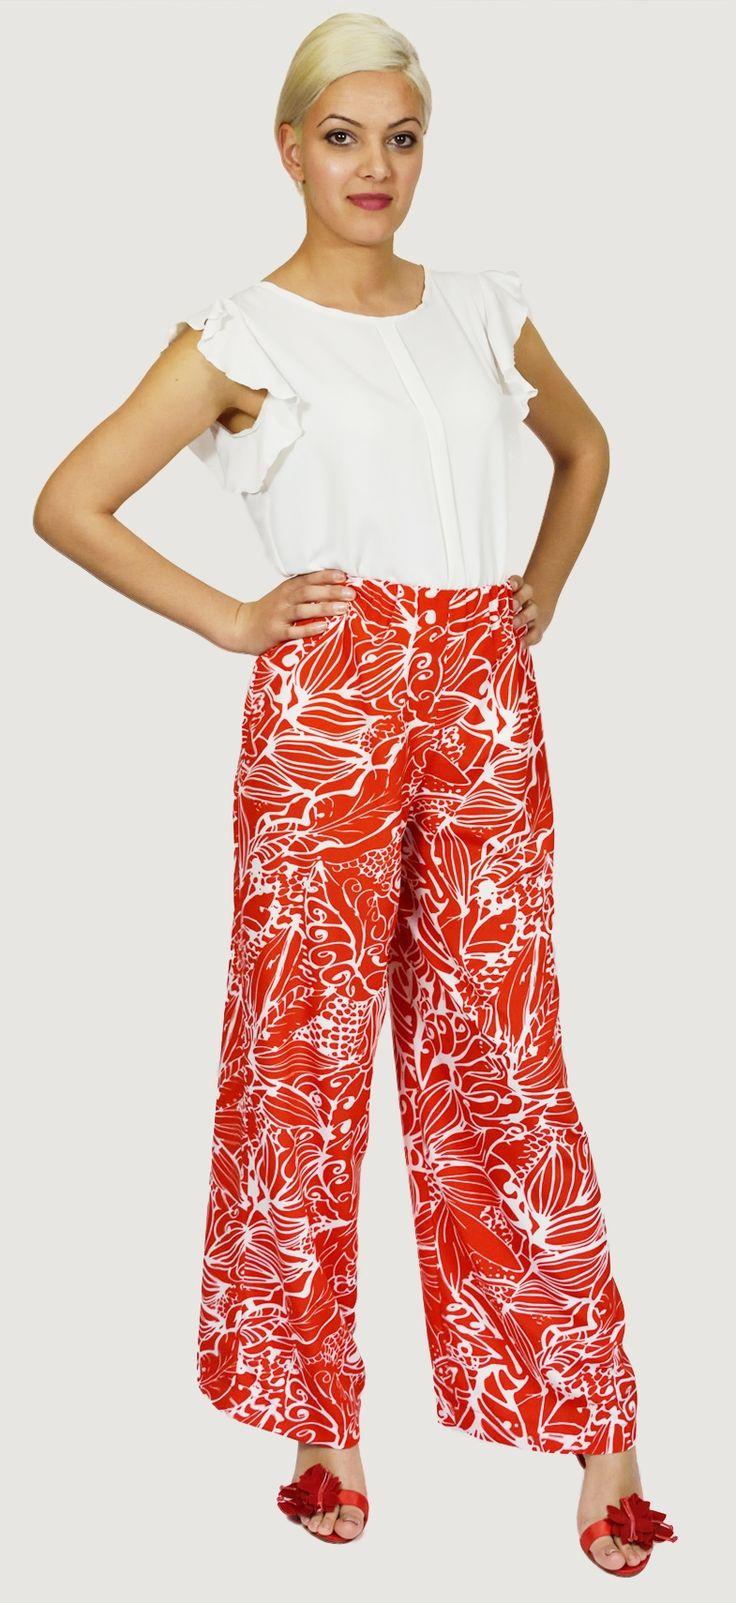 Pantalón Estampado Rojo y Blanco en tejido muy ligero, muy ancho de pierna y con goma en la cintura. Ideal para el verano.